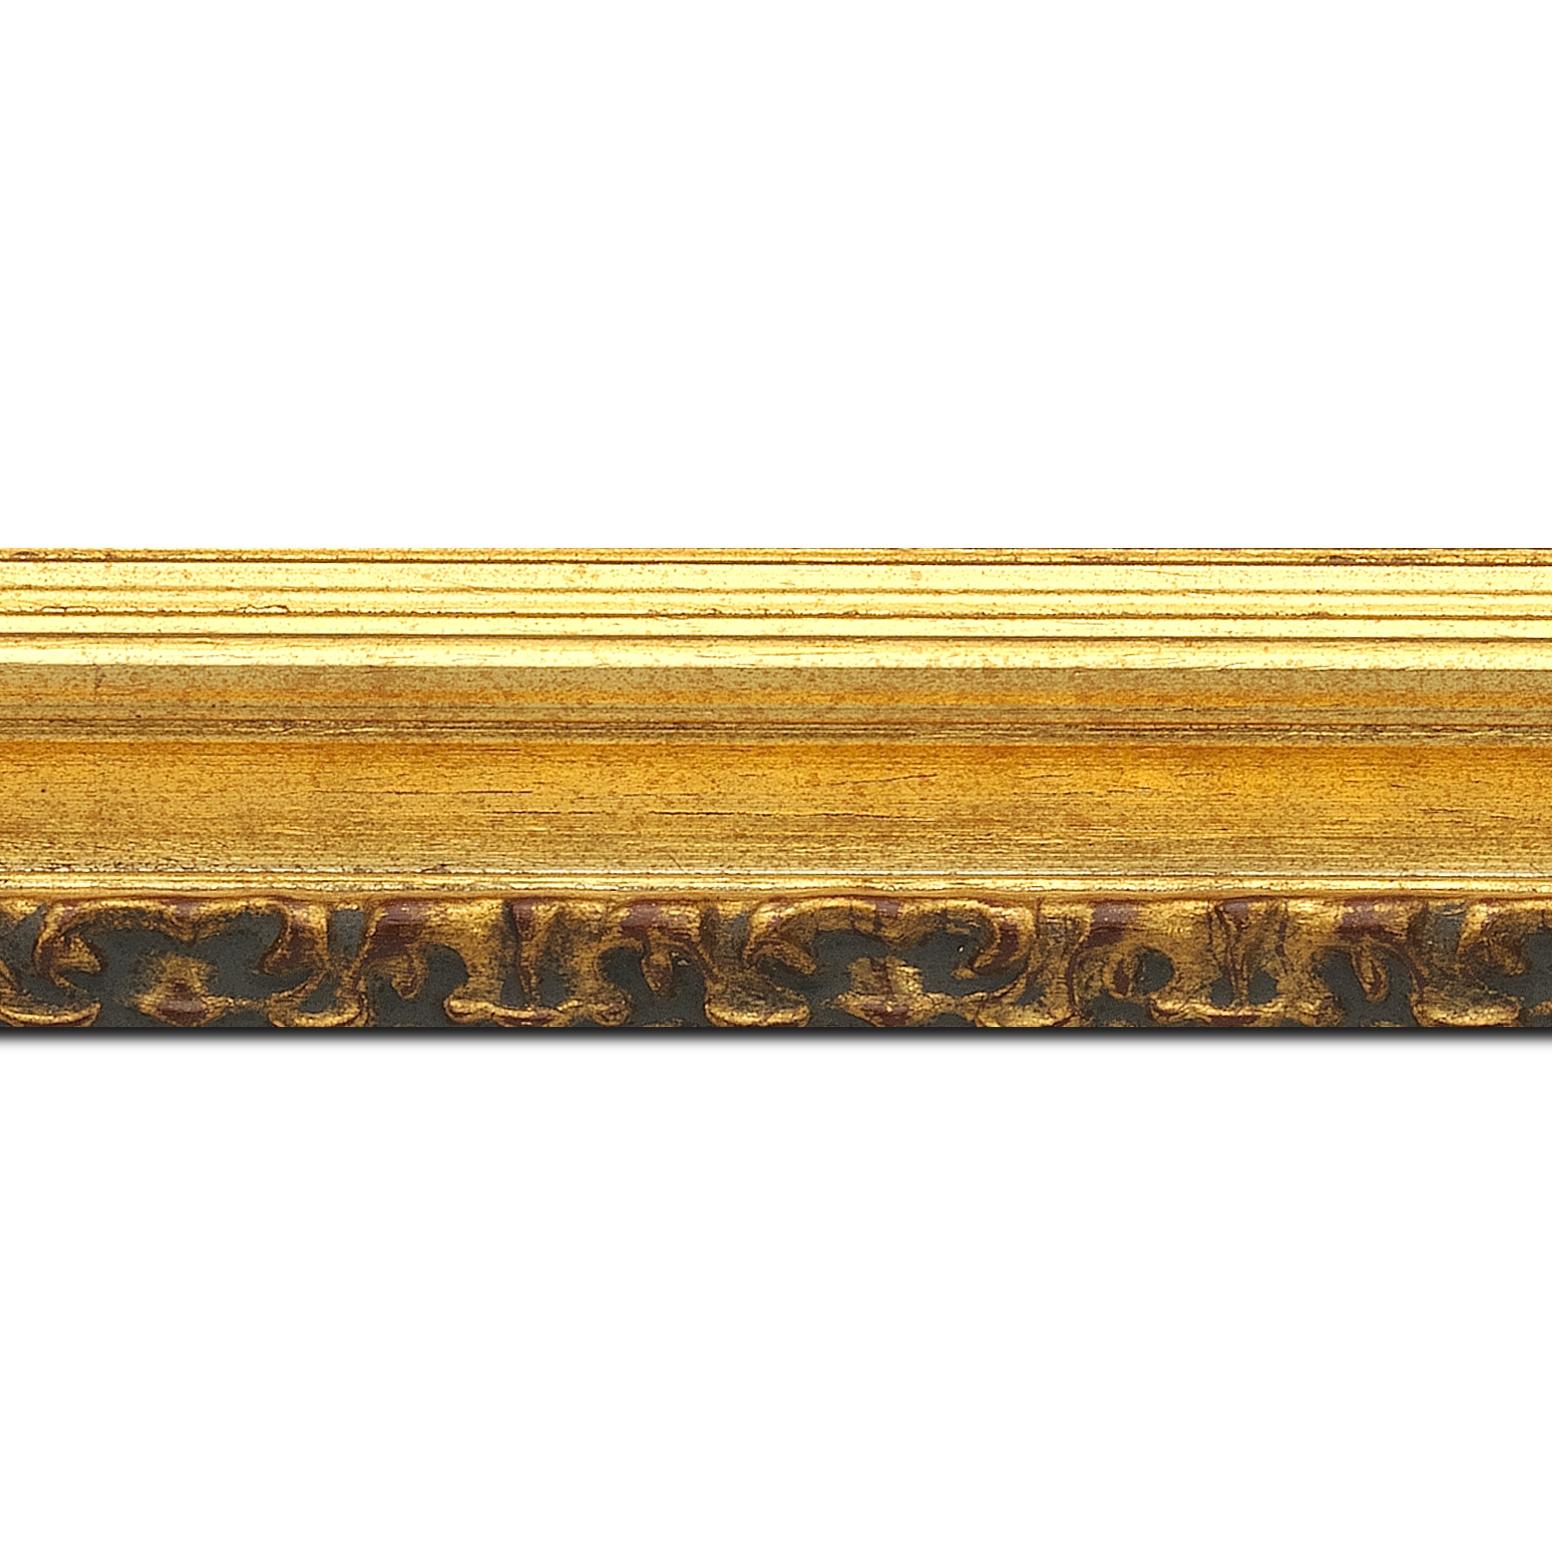 Baguette longueur 1.40m bois profil incurvé largeur 5.1cm couleur or patiné à la feuille gorge or nez ornement